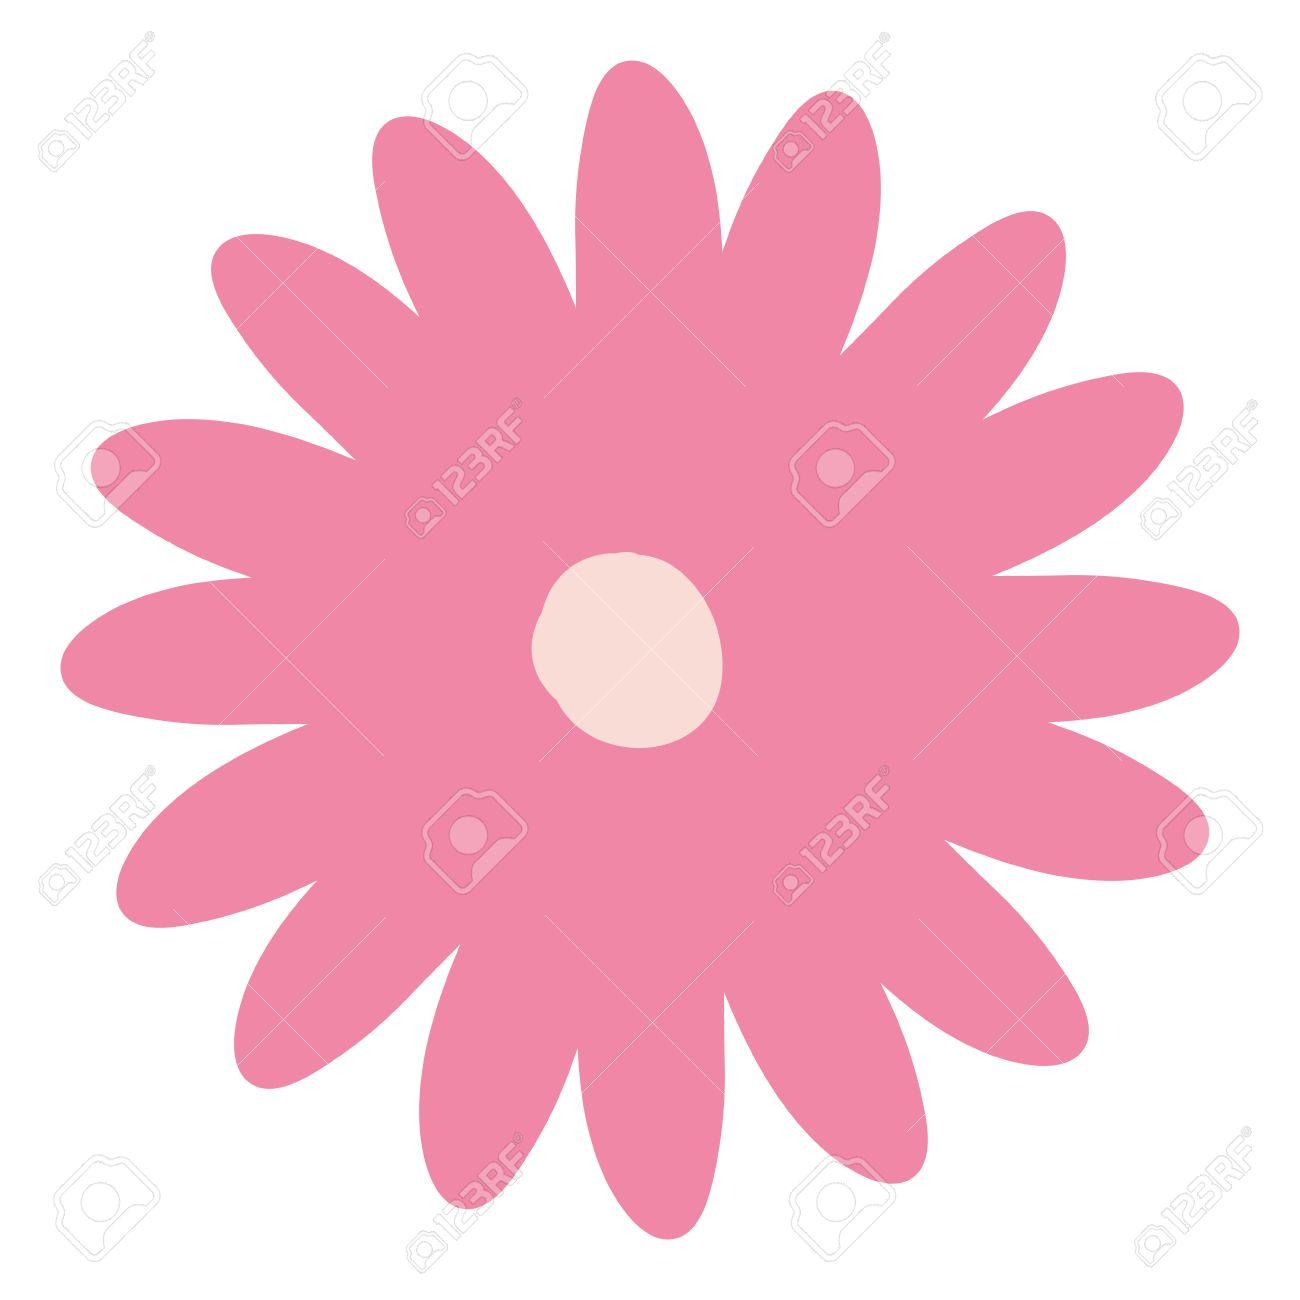 Main Dessin Rose Couleur Daisy Fleur à Plusieurs Pétales Vecteur Illustration